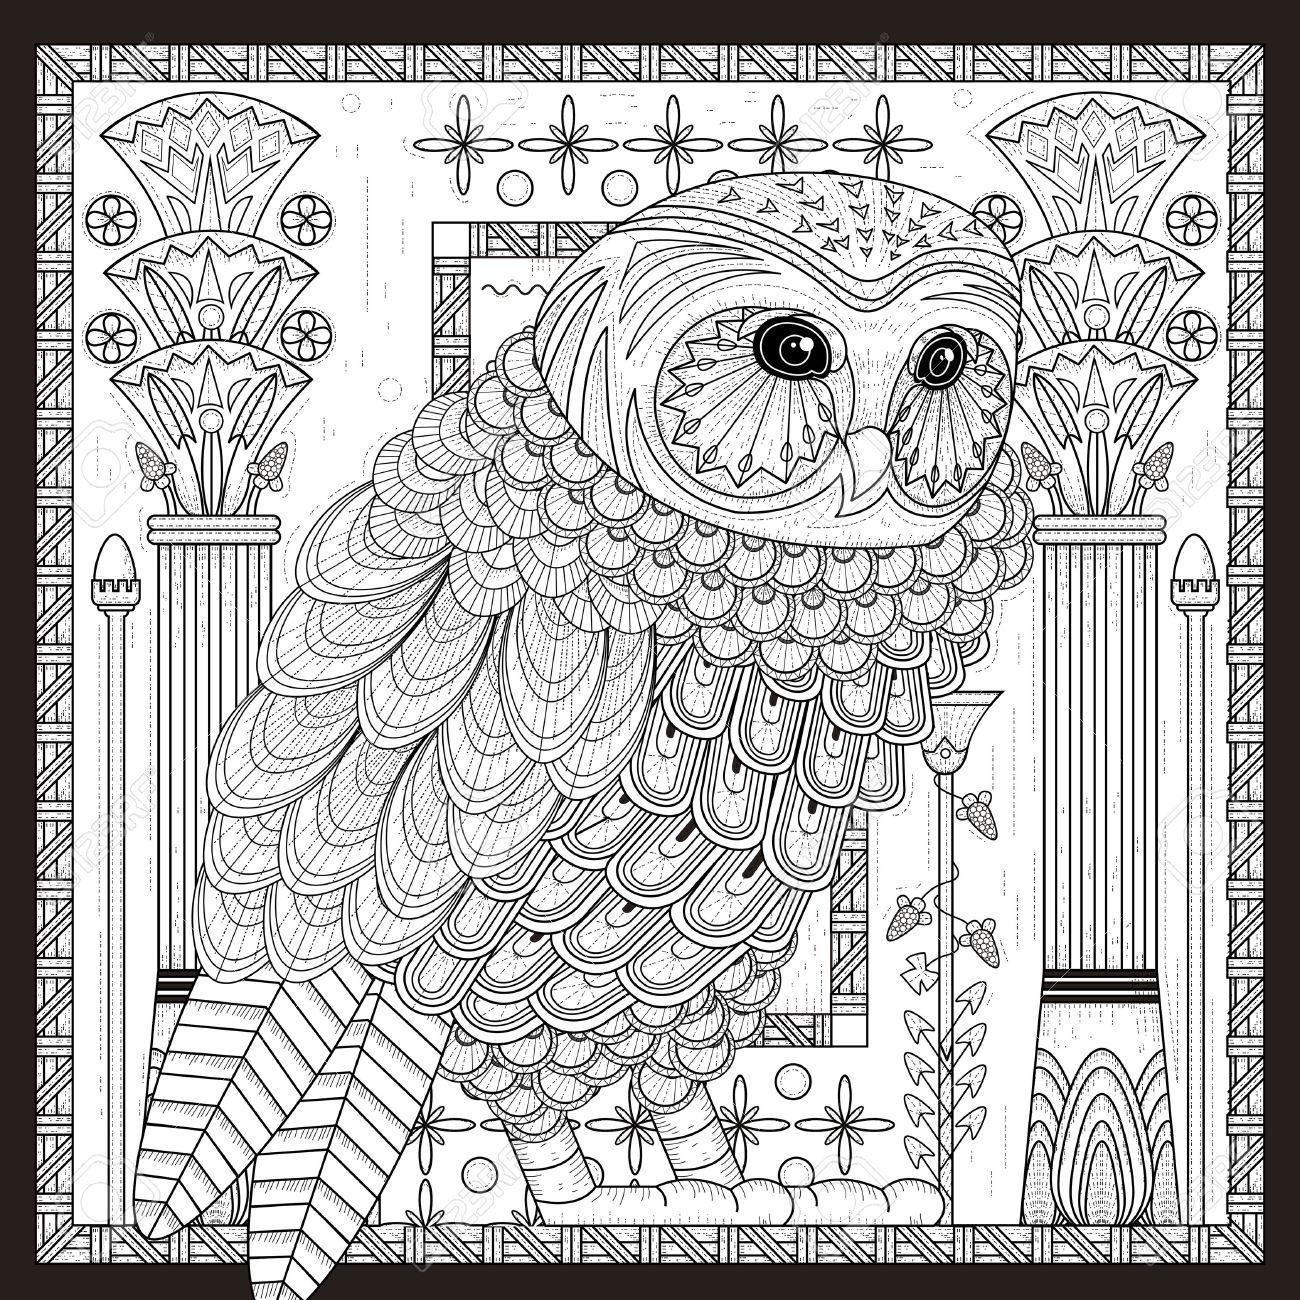 Búho Espléndida Página Para Colorear Diseño En Estilo Egipto ...